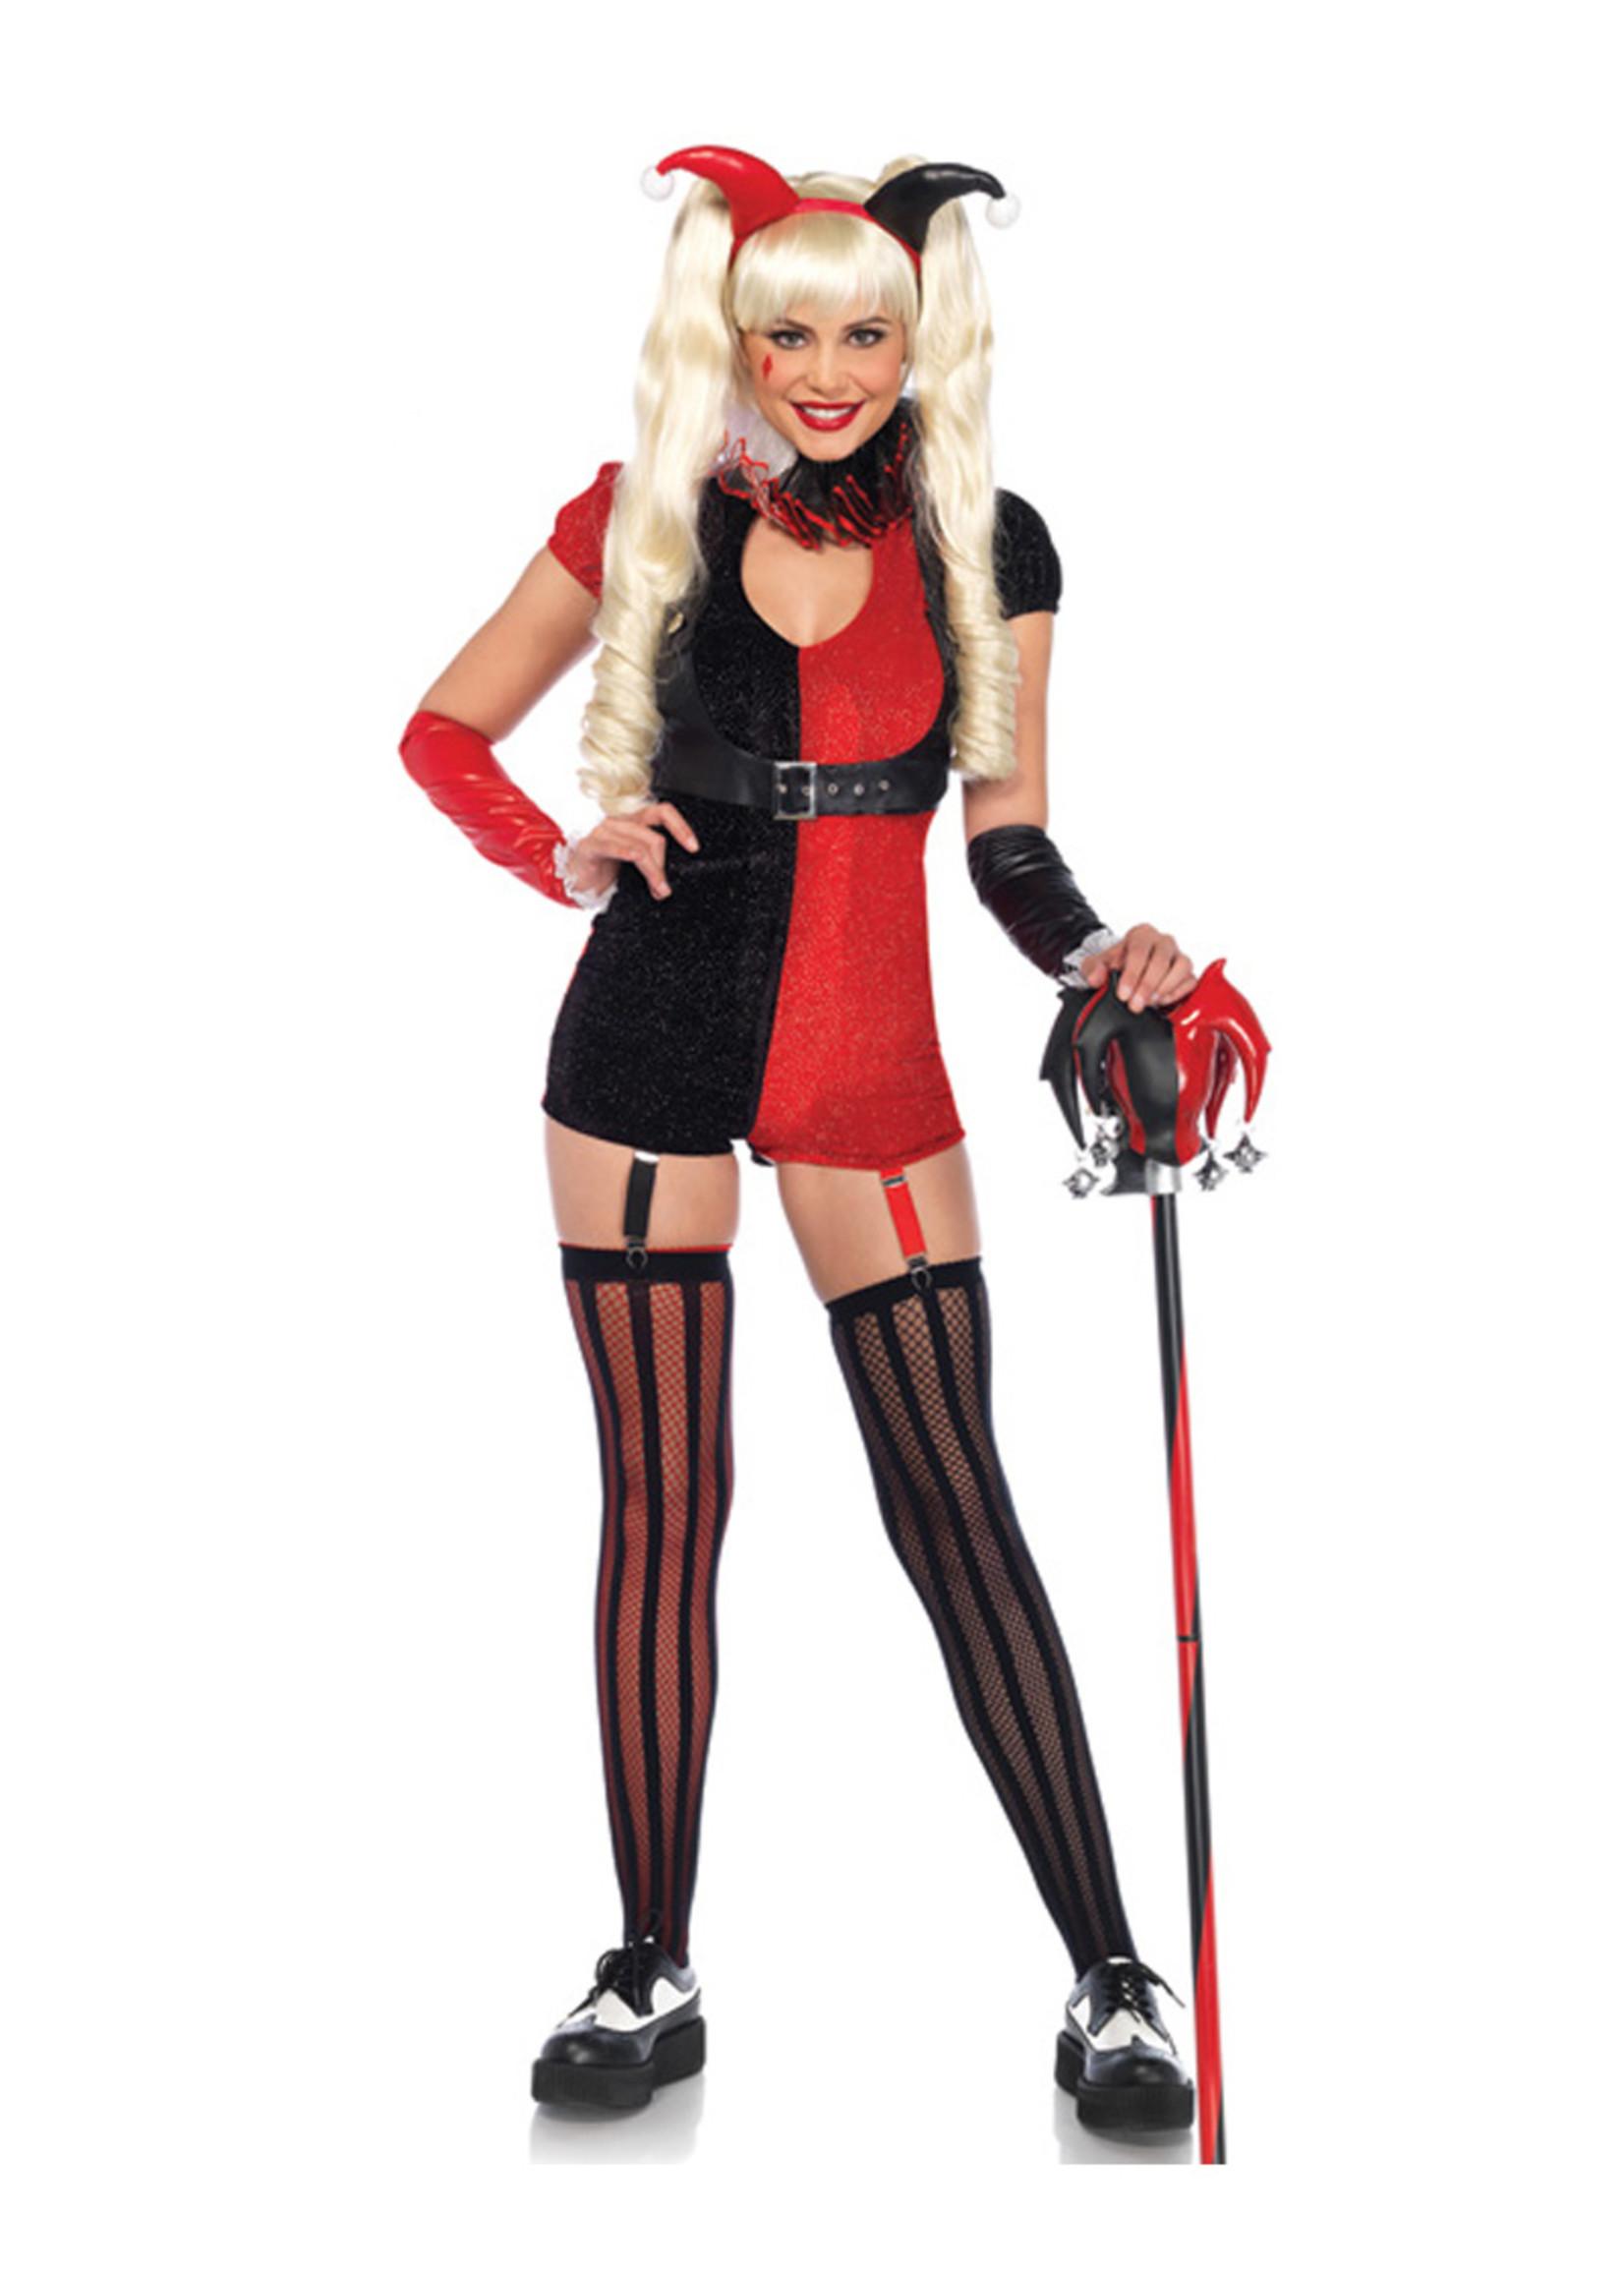 Mischief Maker Costume - Women's